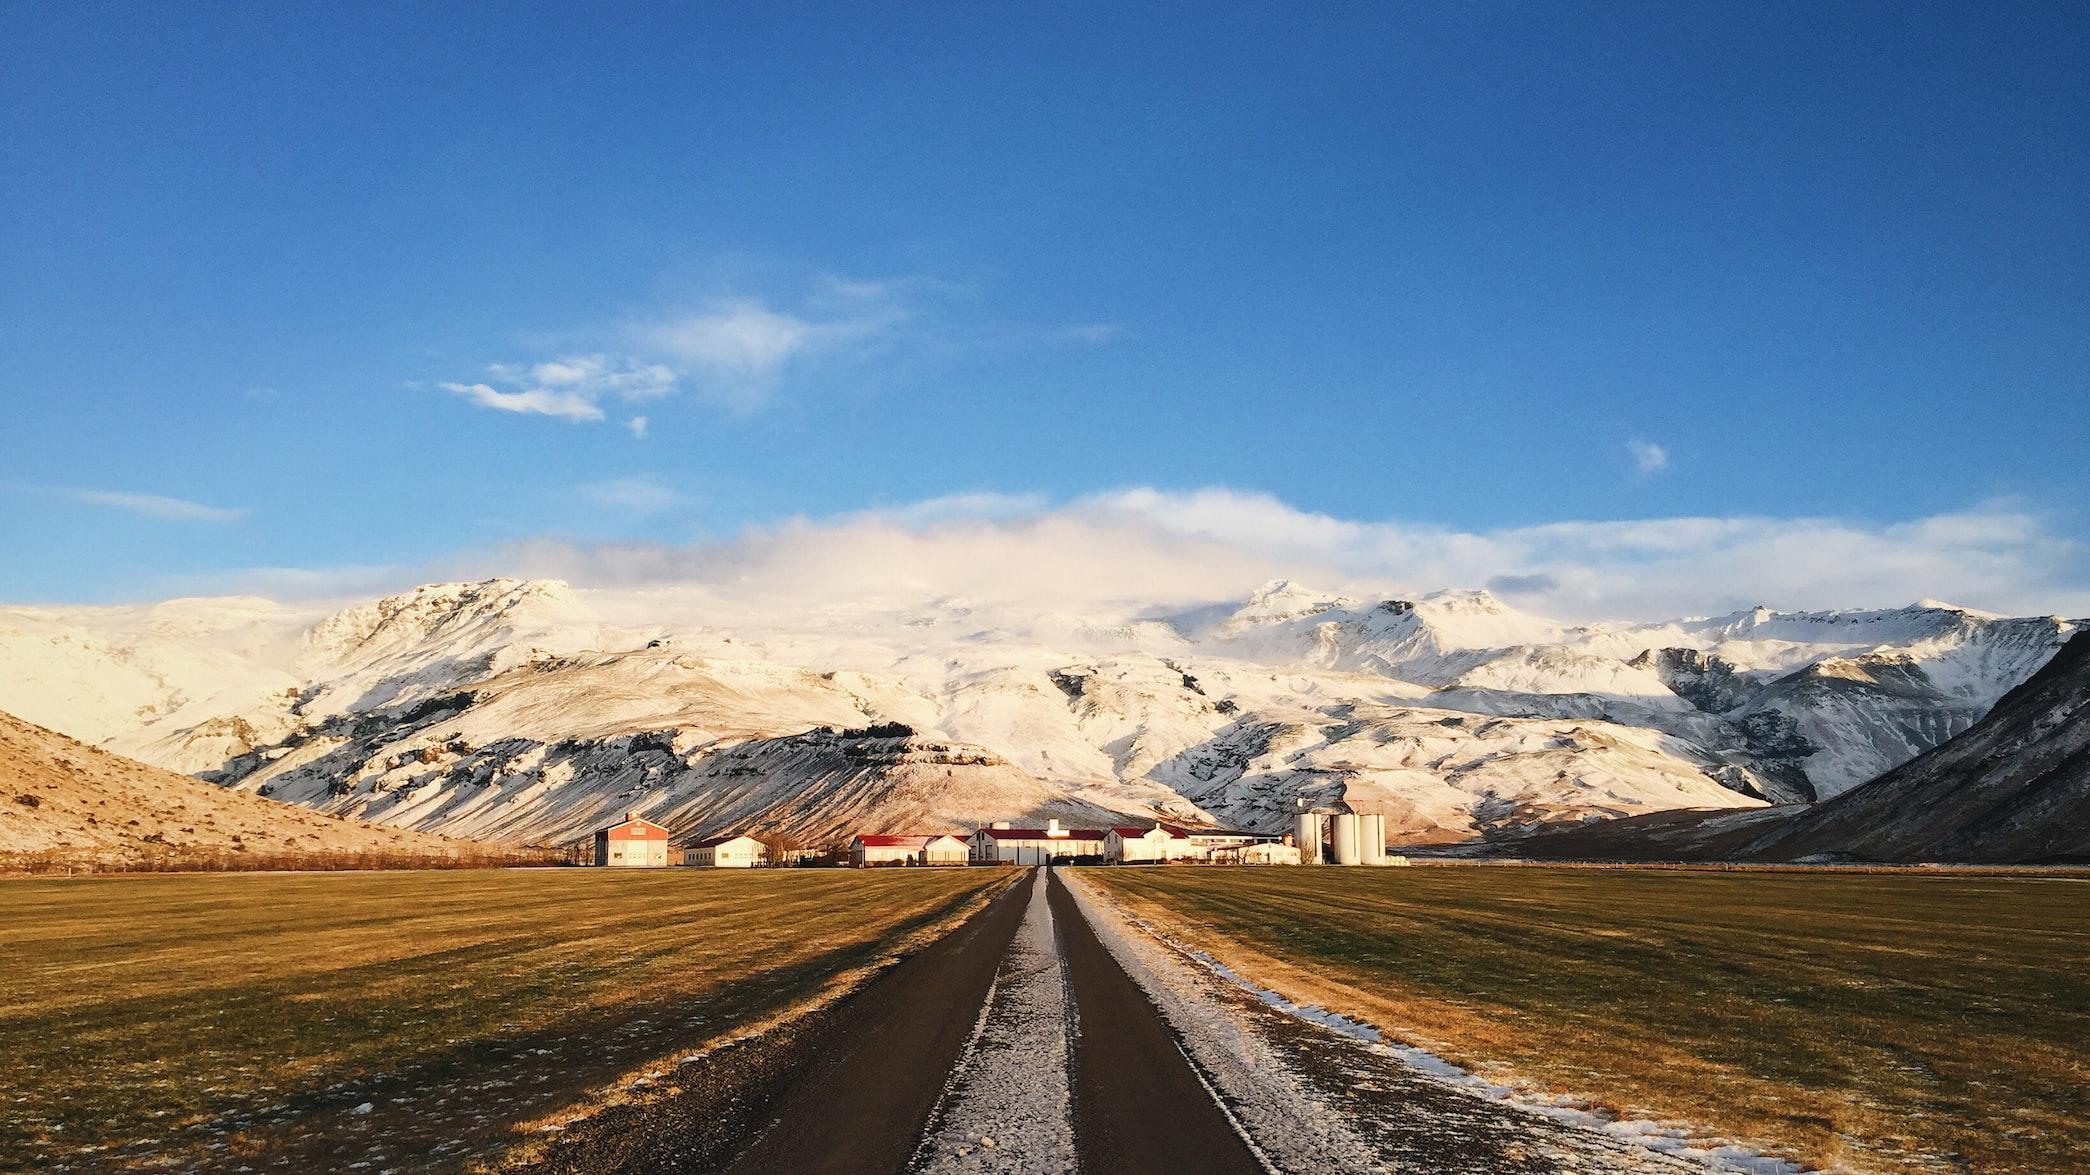 冰島南部的埃亞菲亞德拉冰蓋(Eyjafjallajokull)